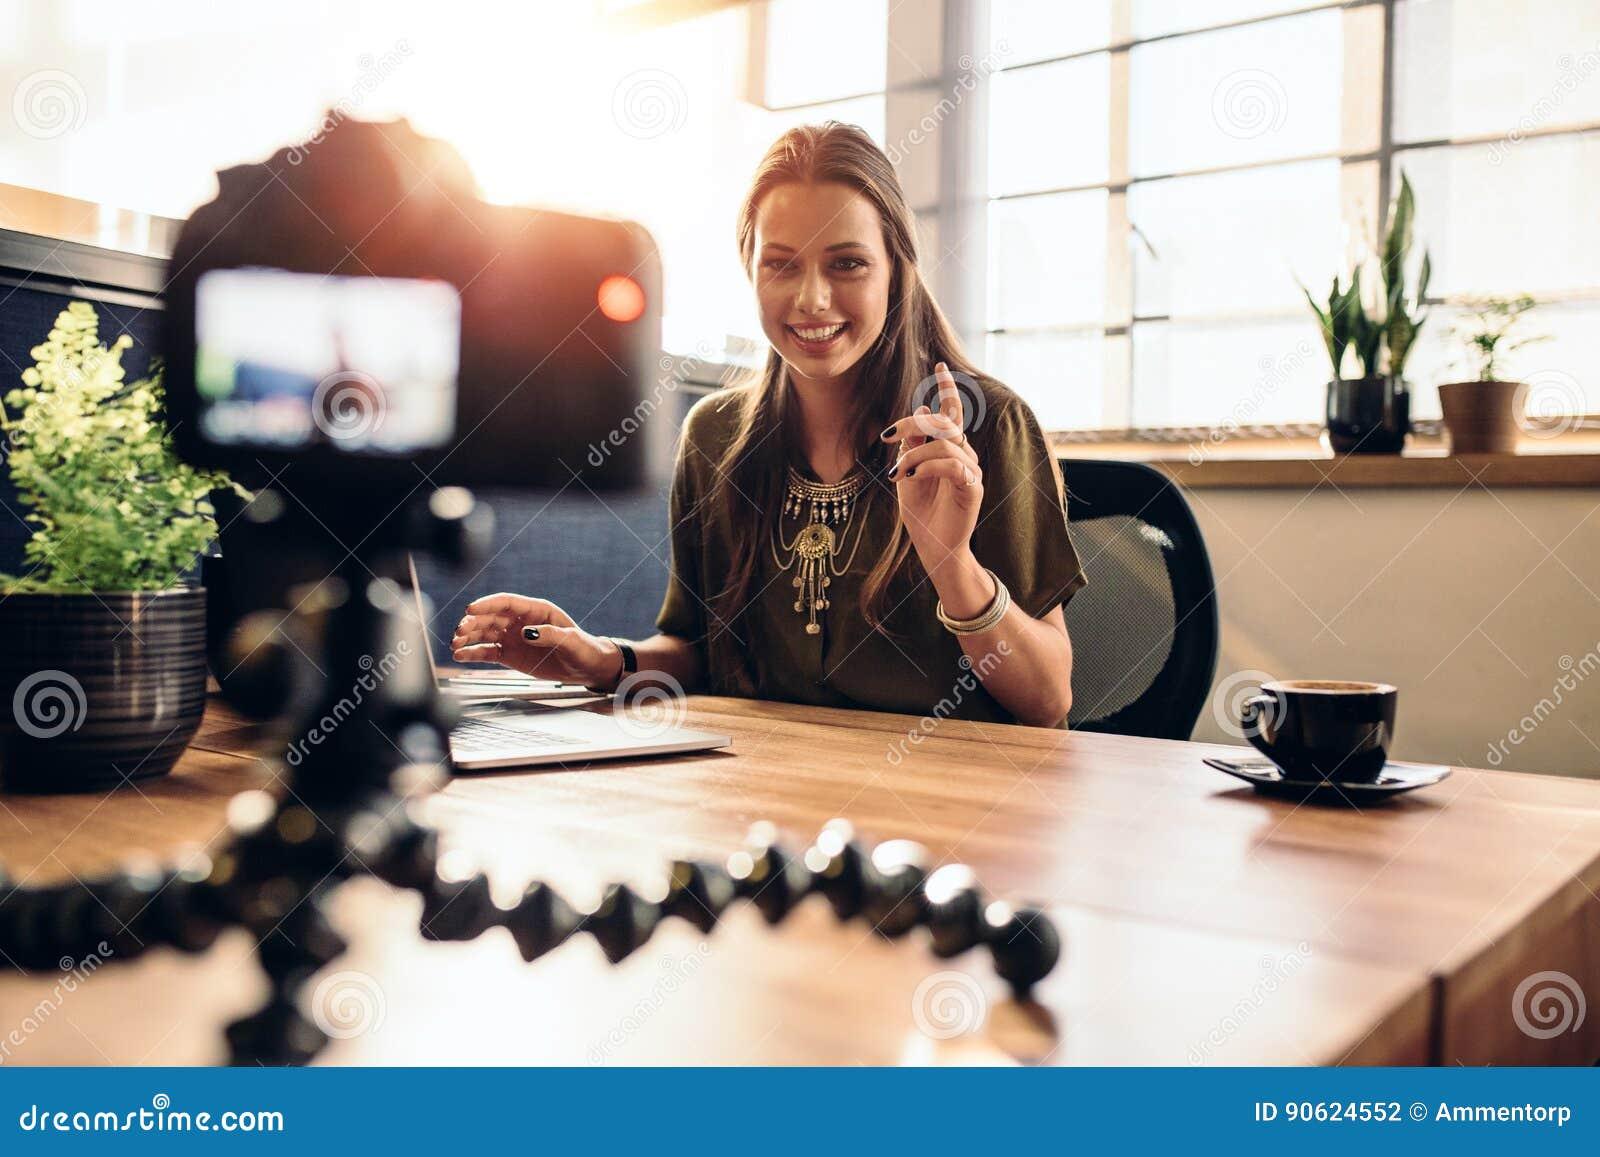 Νέο θηλυκό περιεχόμενο καταγραφής vlogger για τηλεοπτικό της blog